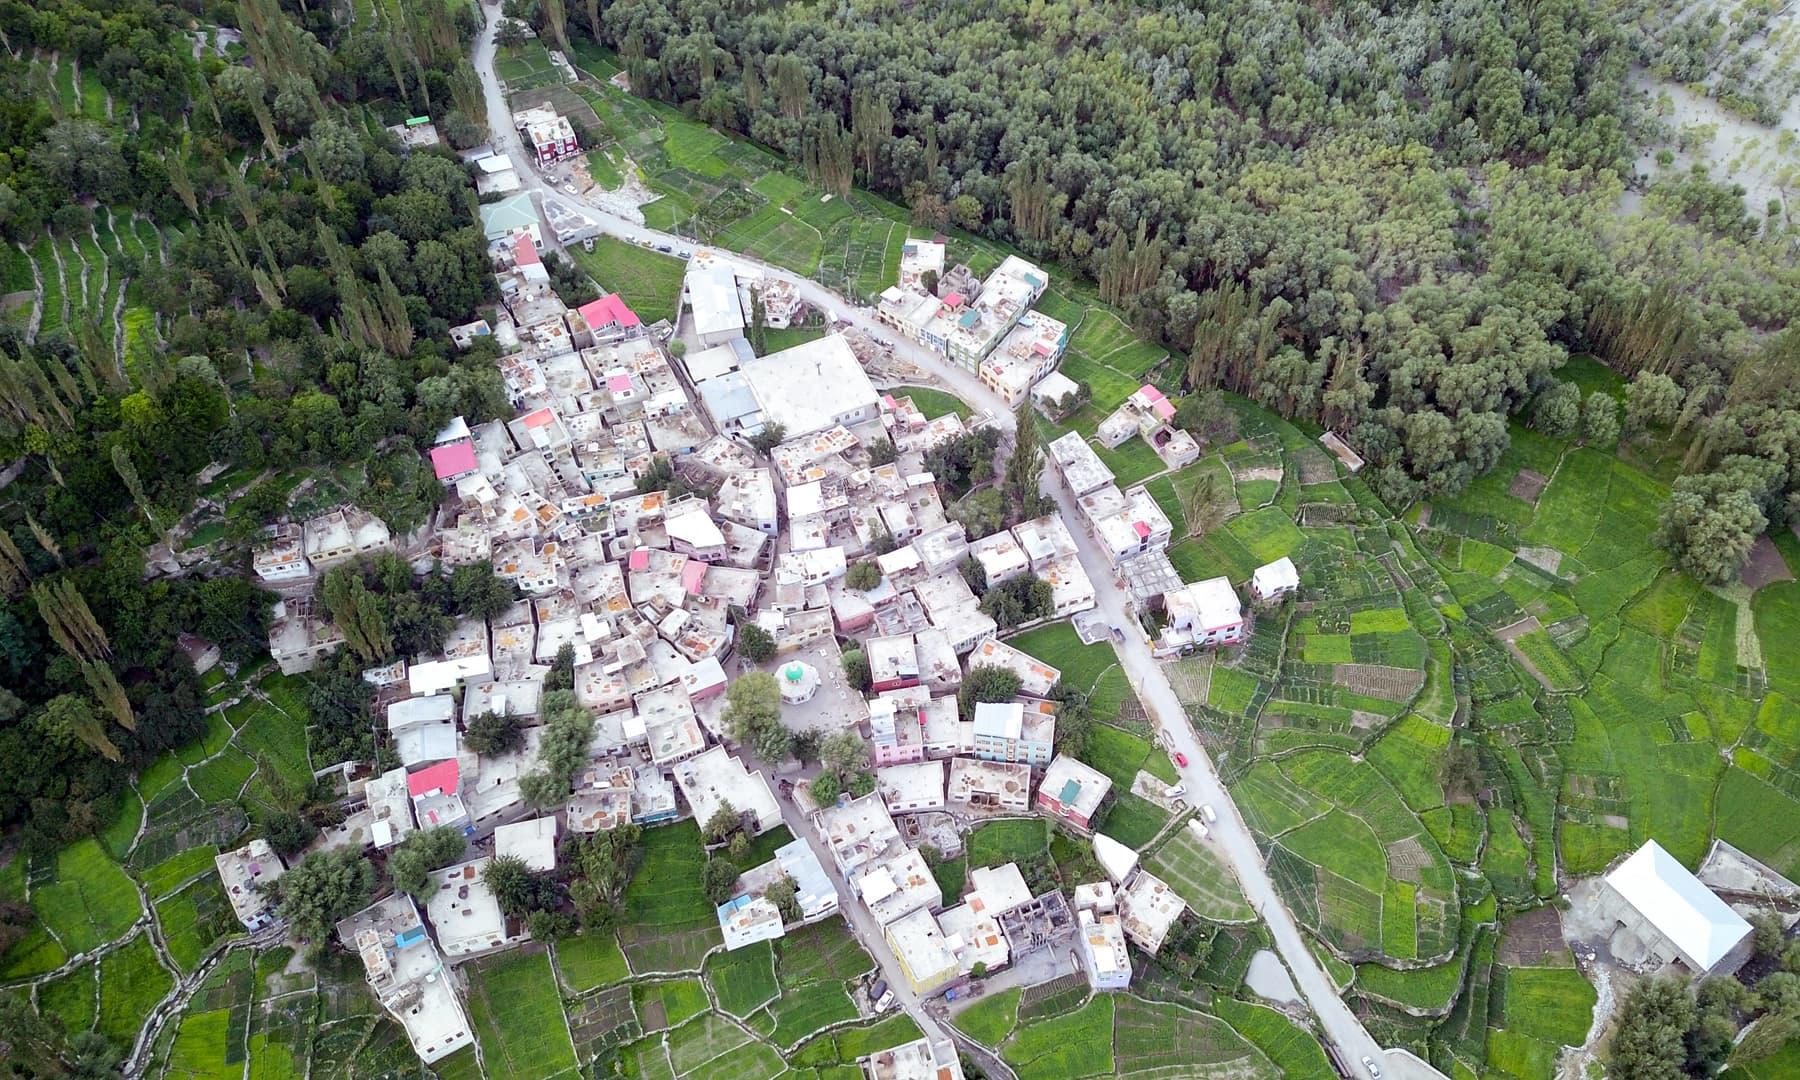 سرمک ایک بہترین ہسپتال کی وجہ سے اس پورے علاقے میں مشہور گاؤں ہے